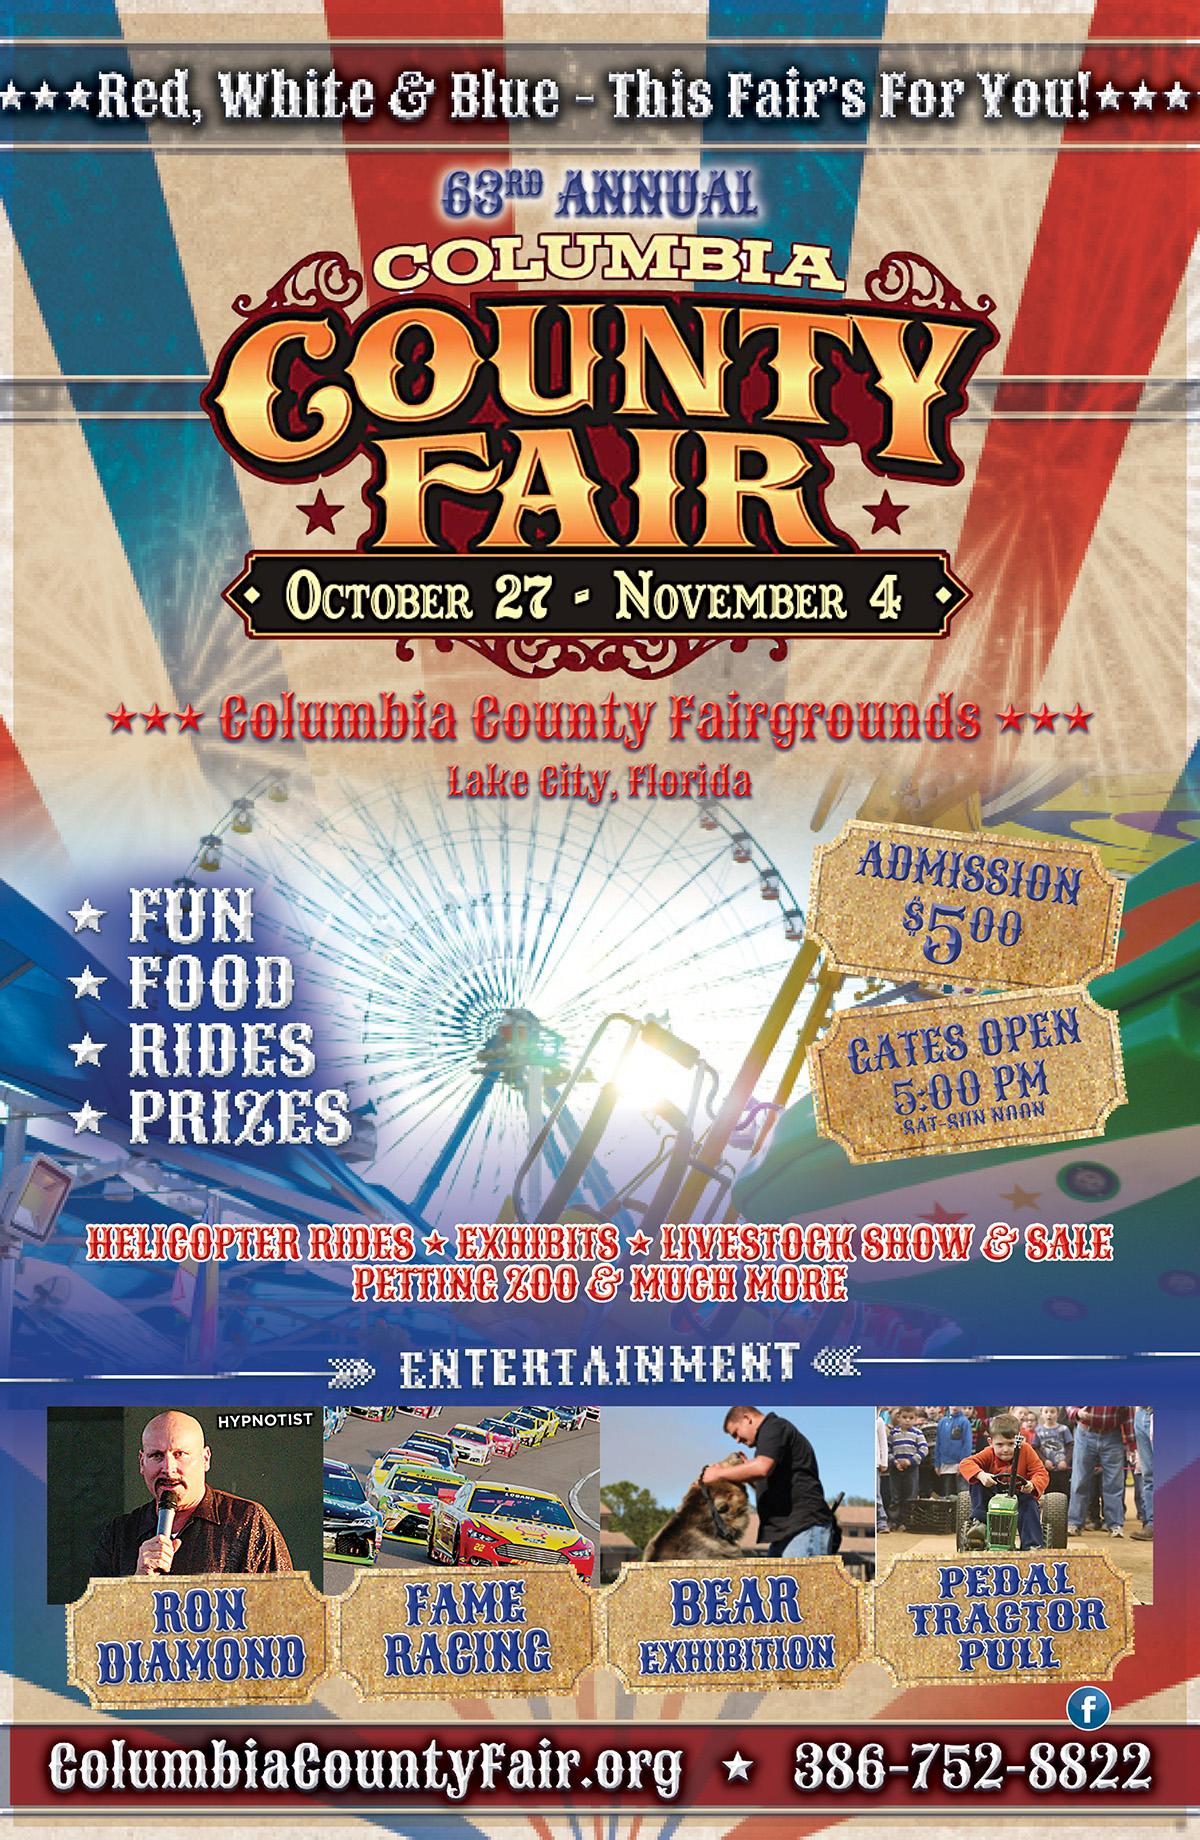 63Rd Annual Columbia County Fair — Florida Food & Farm With South Florida Fair Ground Calendar